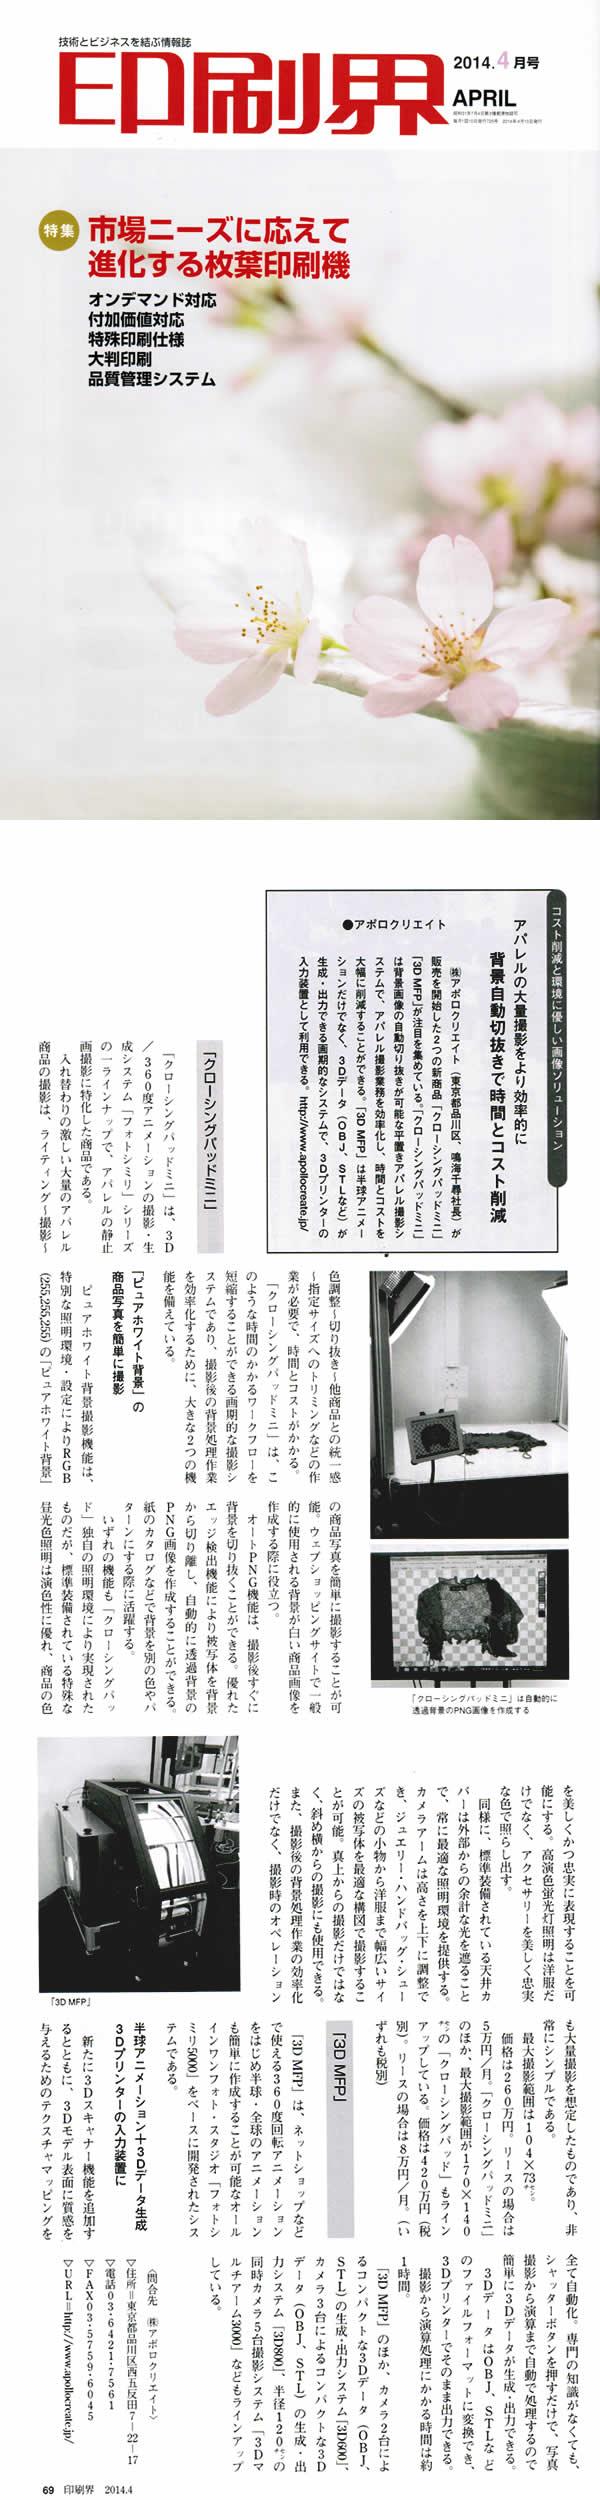 印刷界にフォトオートメーションについて掲載されました。